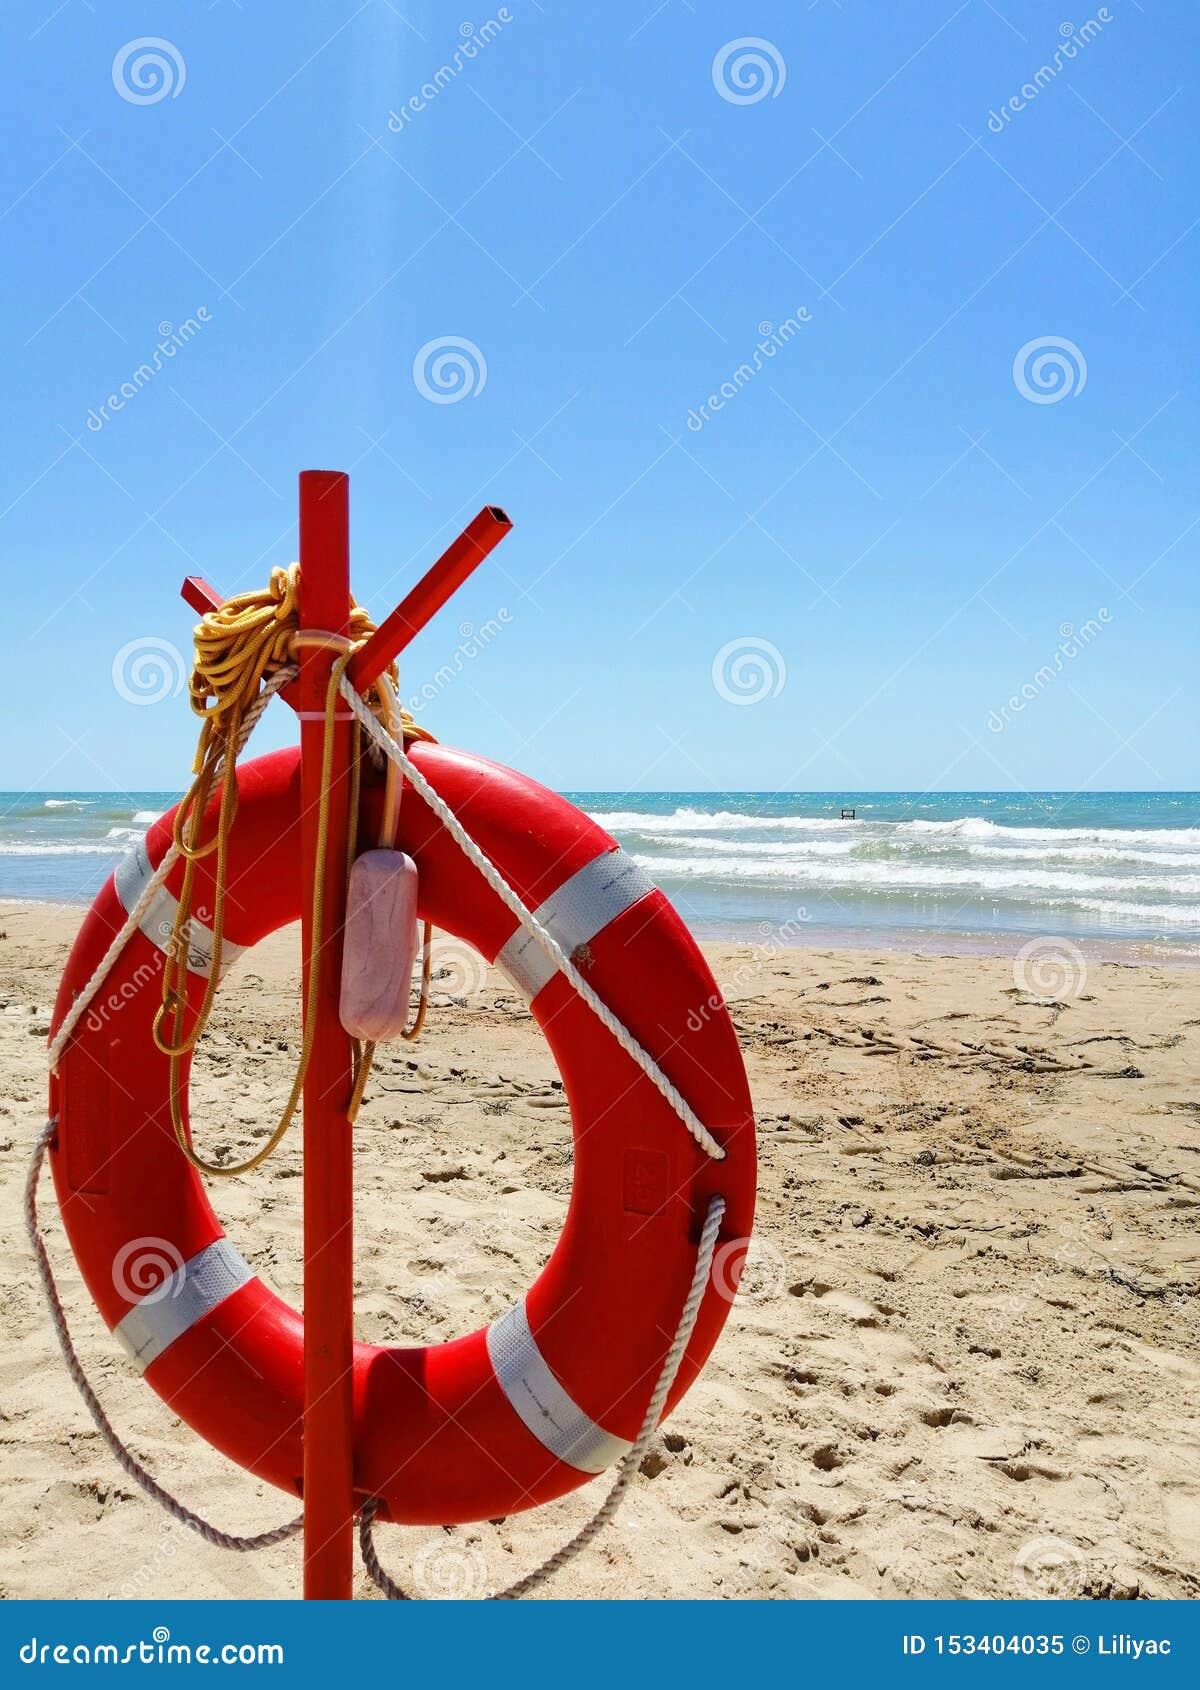 Salvagente su una spiaggia sabbiosa